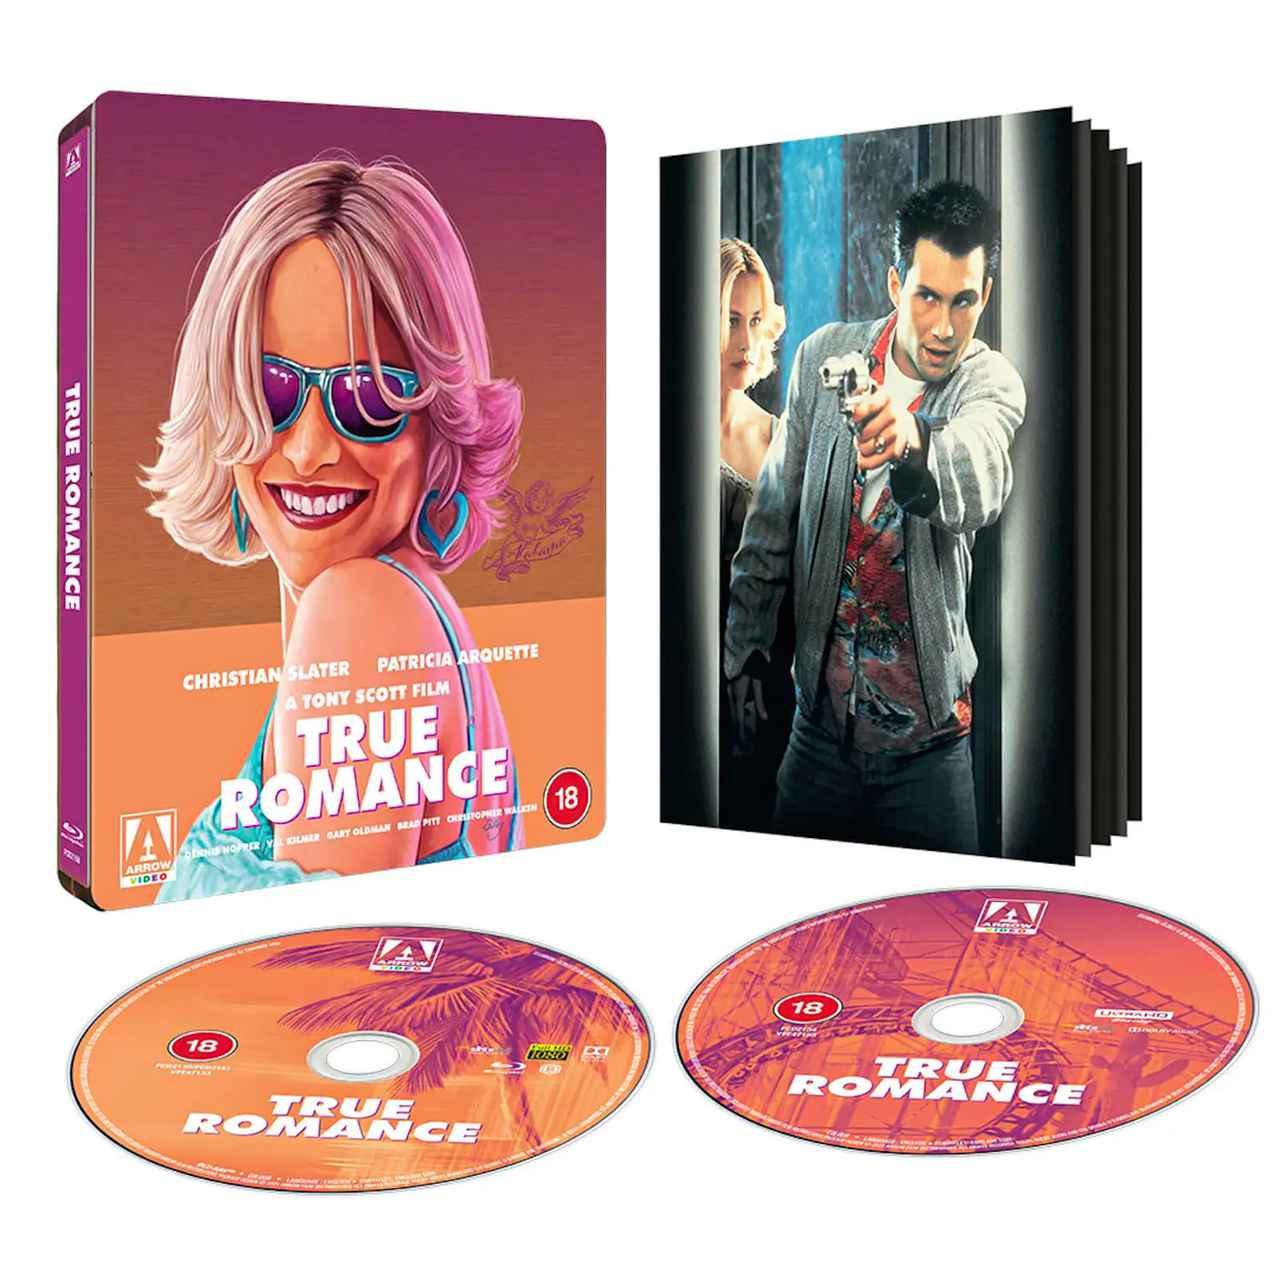 画像3: TRUE ROMANCE - 4K UHD BLU-RAY with DOLBY VISION/4K DIGITAL RESTORATION